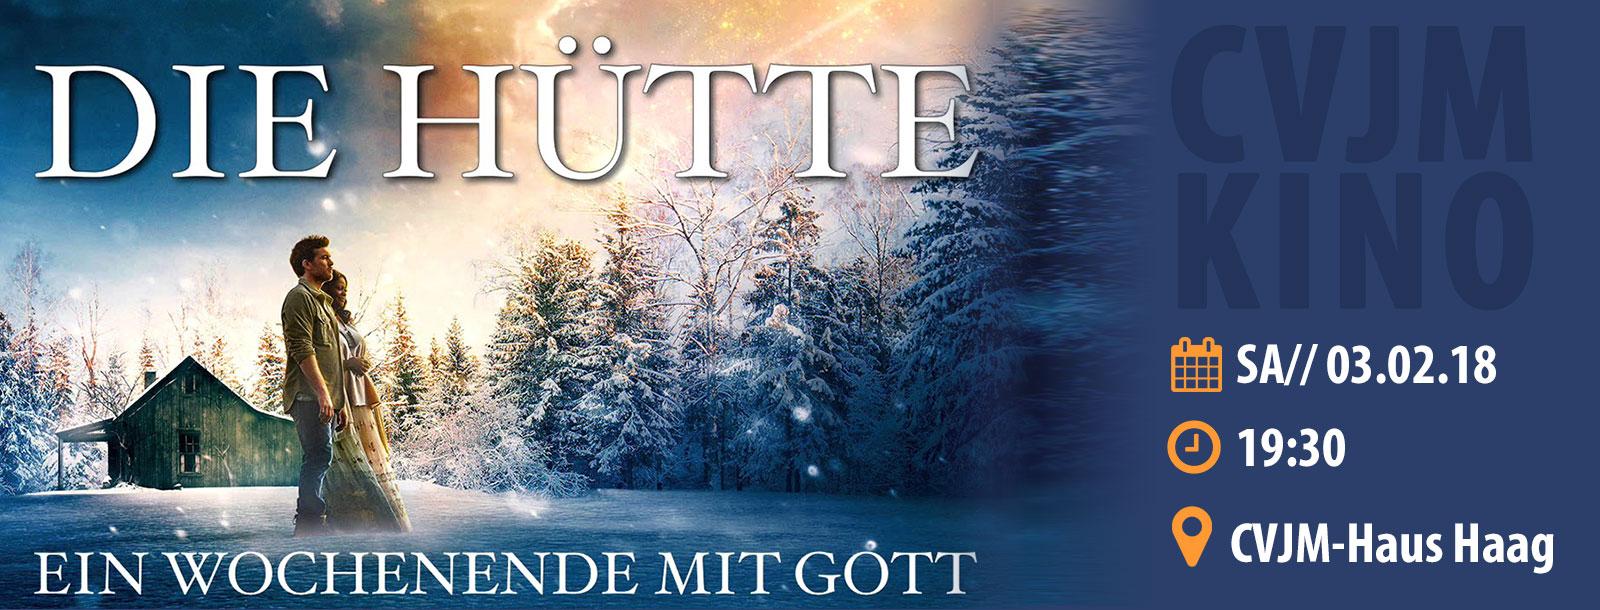 dieHuette_Banner-1